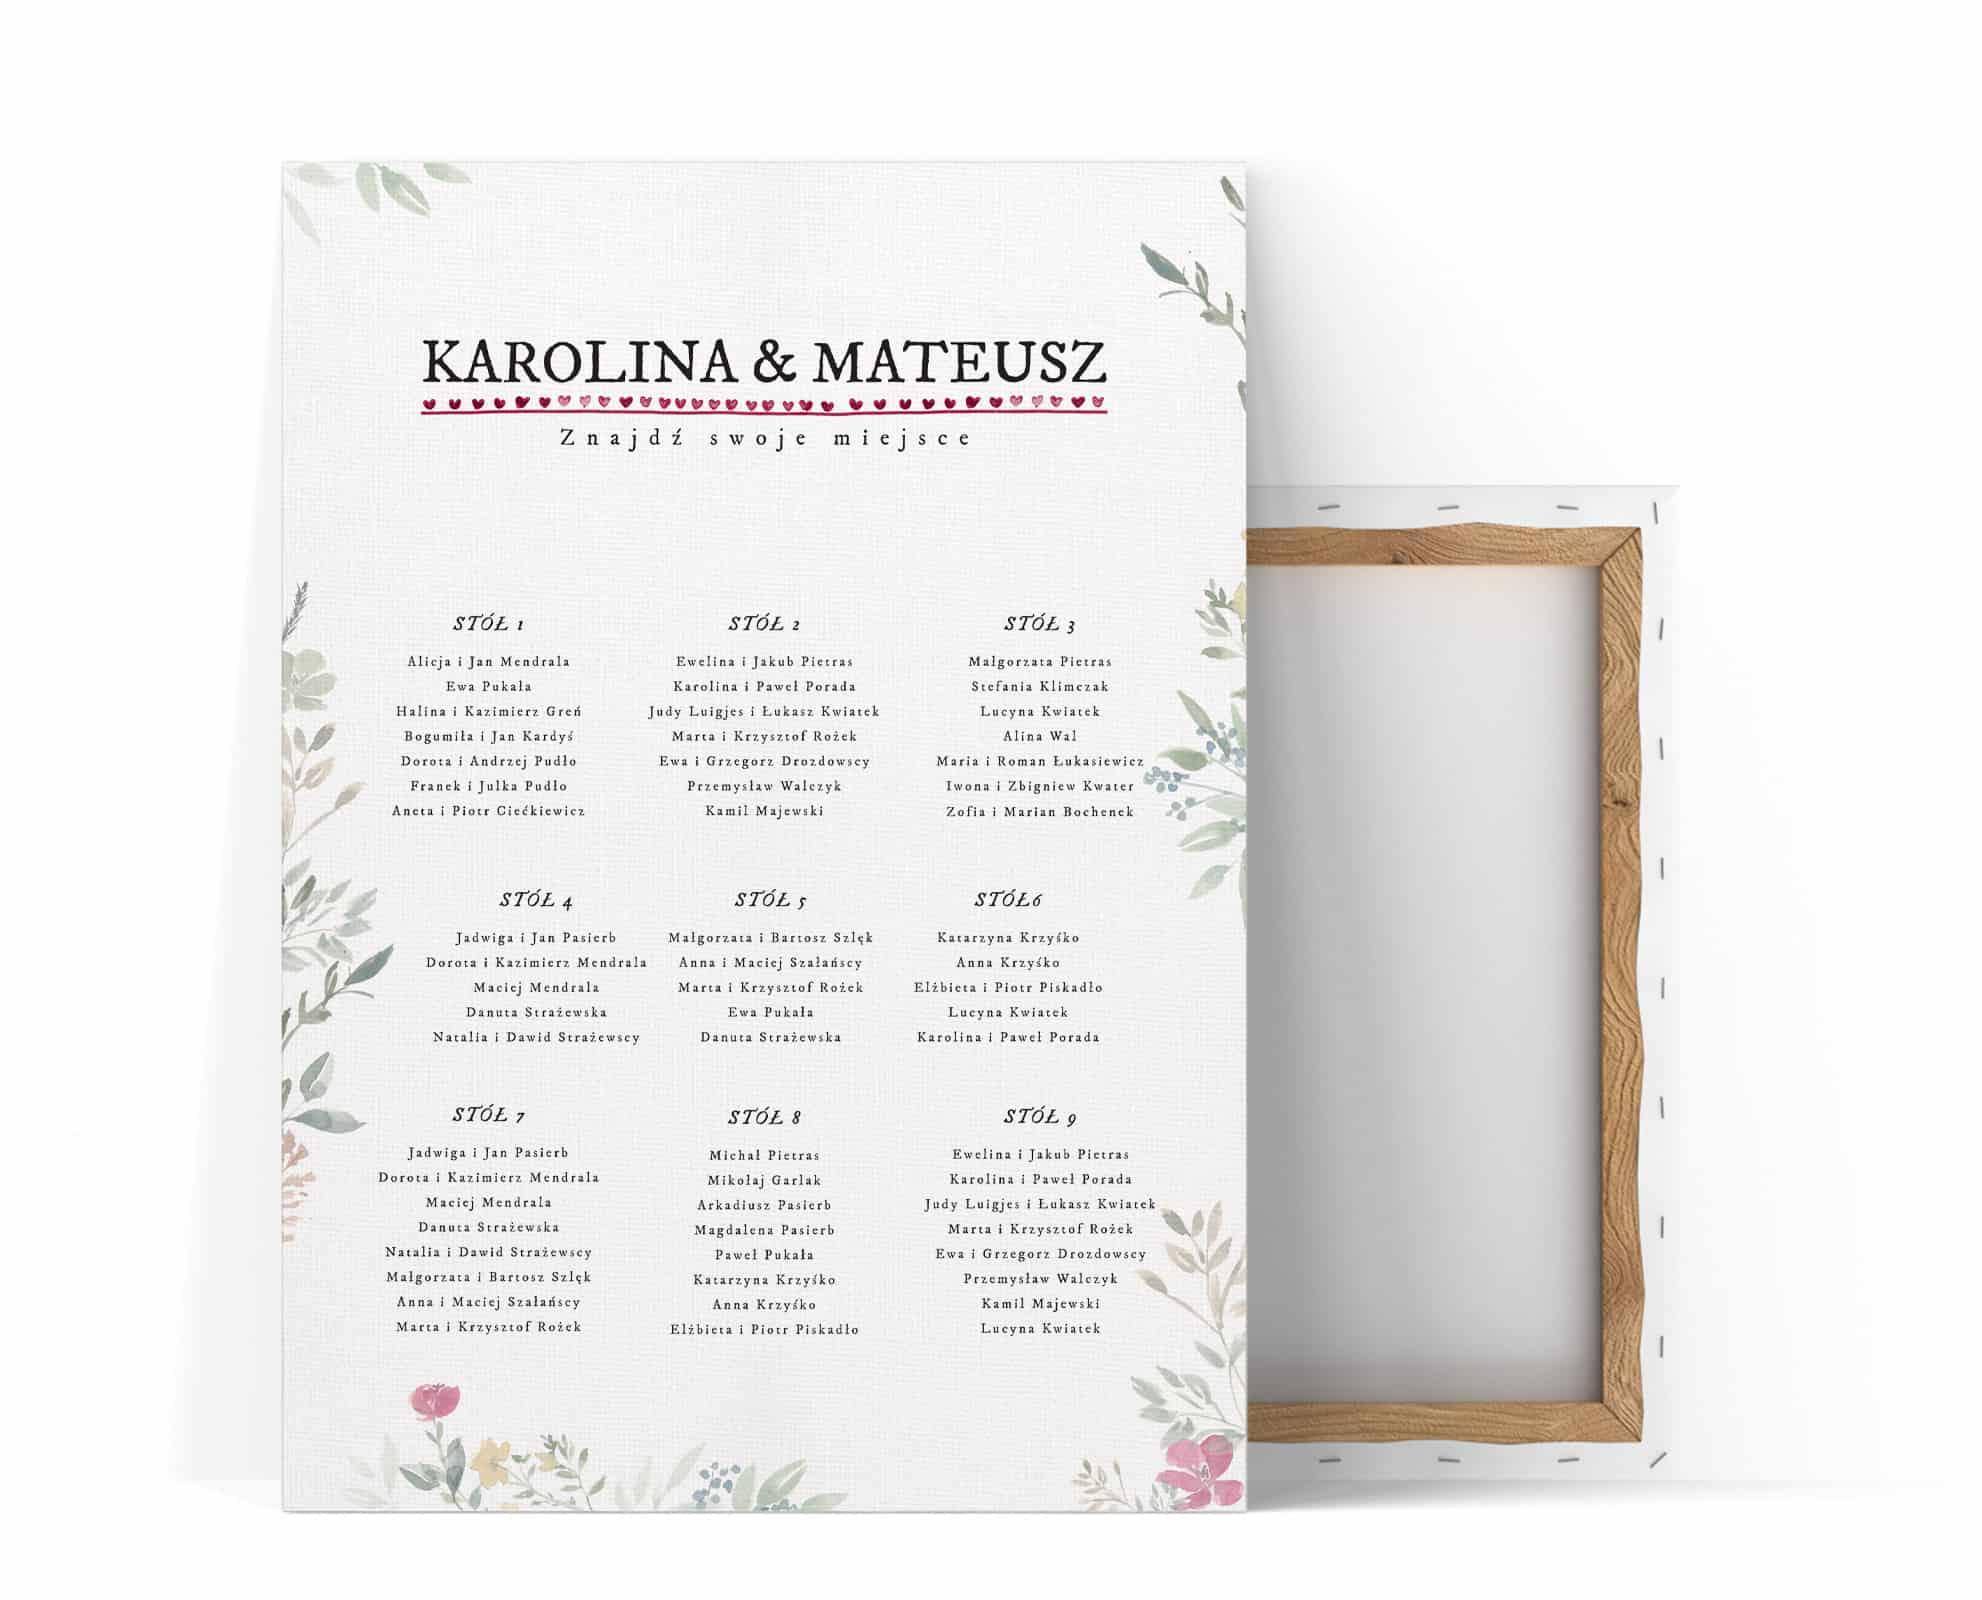 Plan stołów z drobnymi kwiatami i listkami w stylu watercolor na płótnie